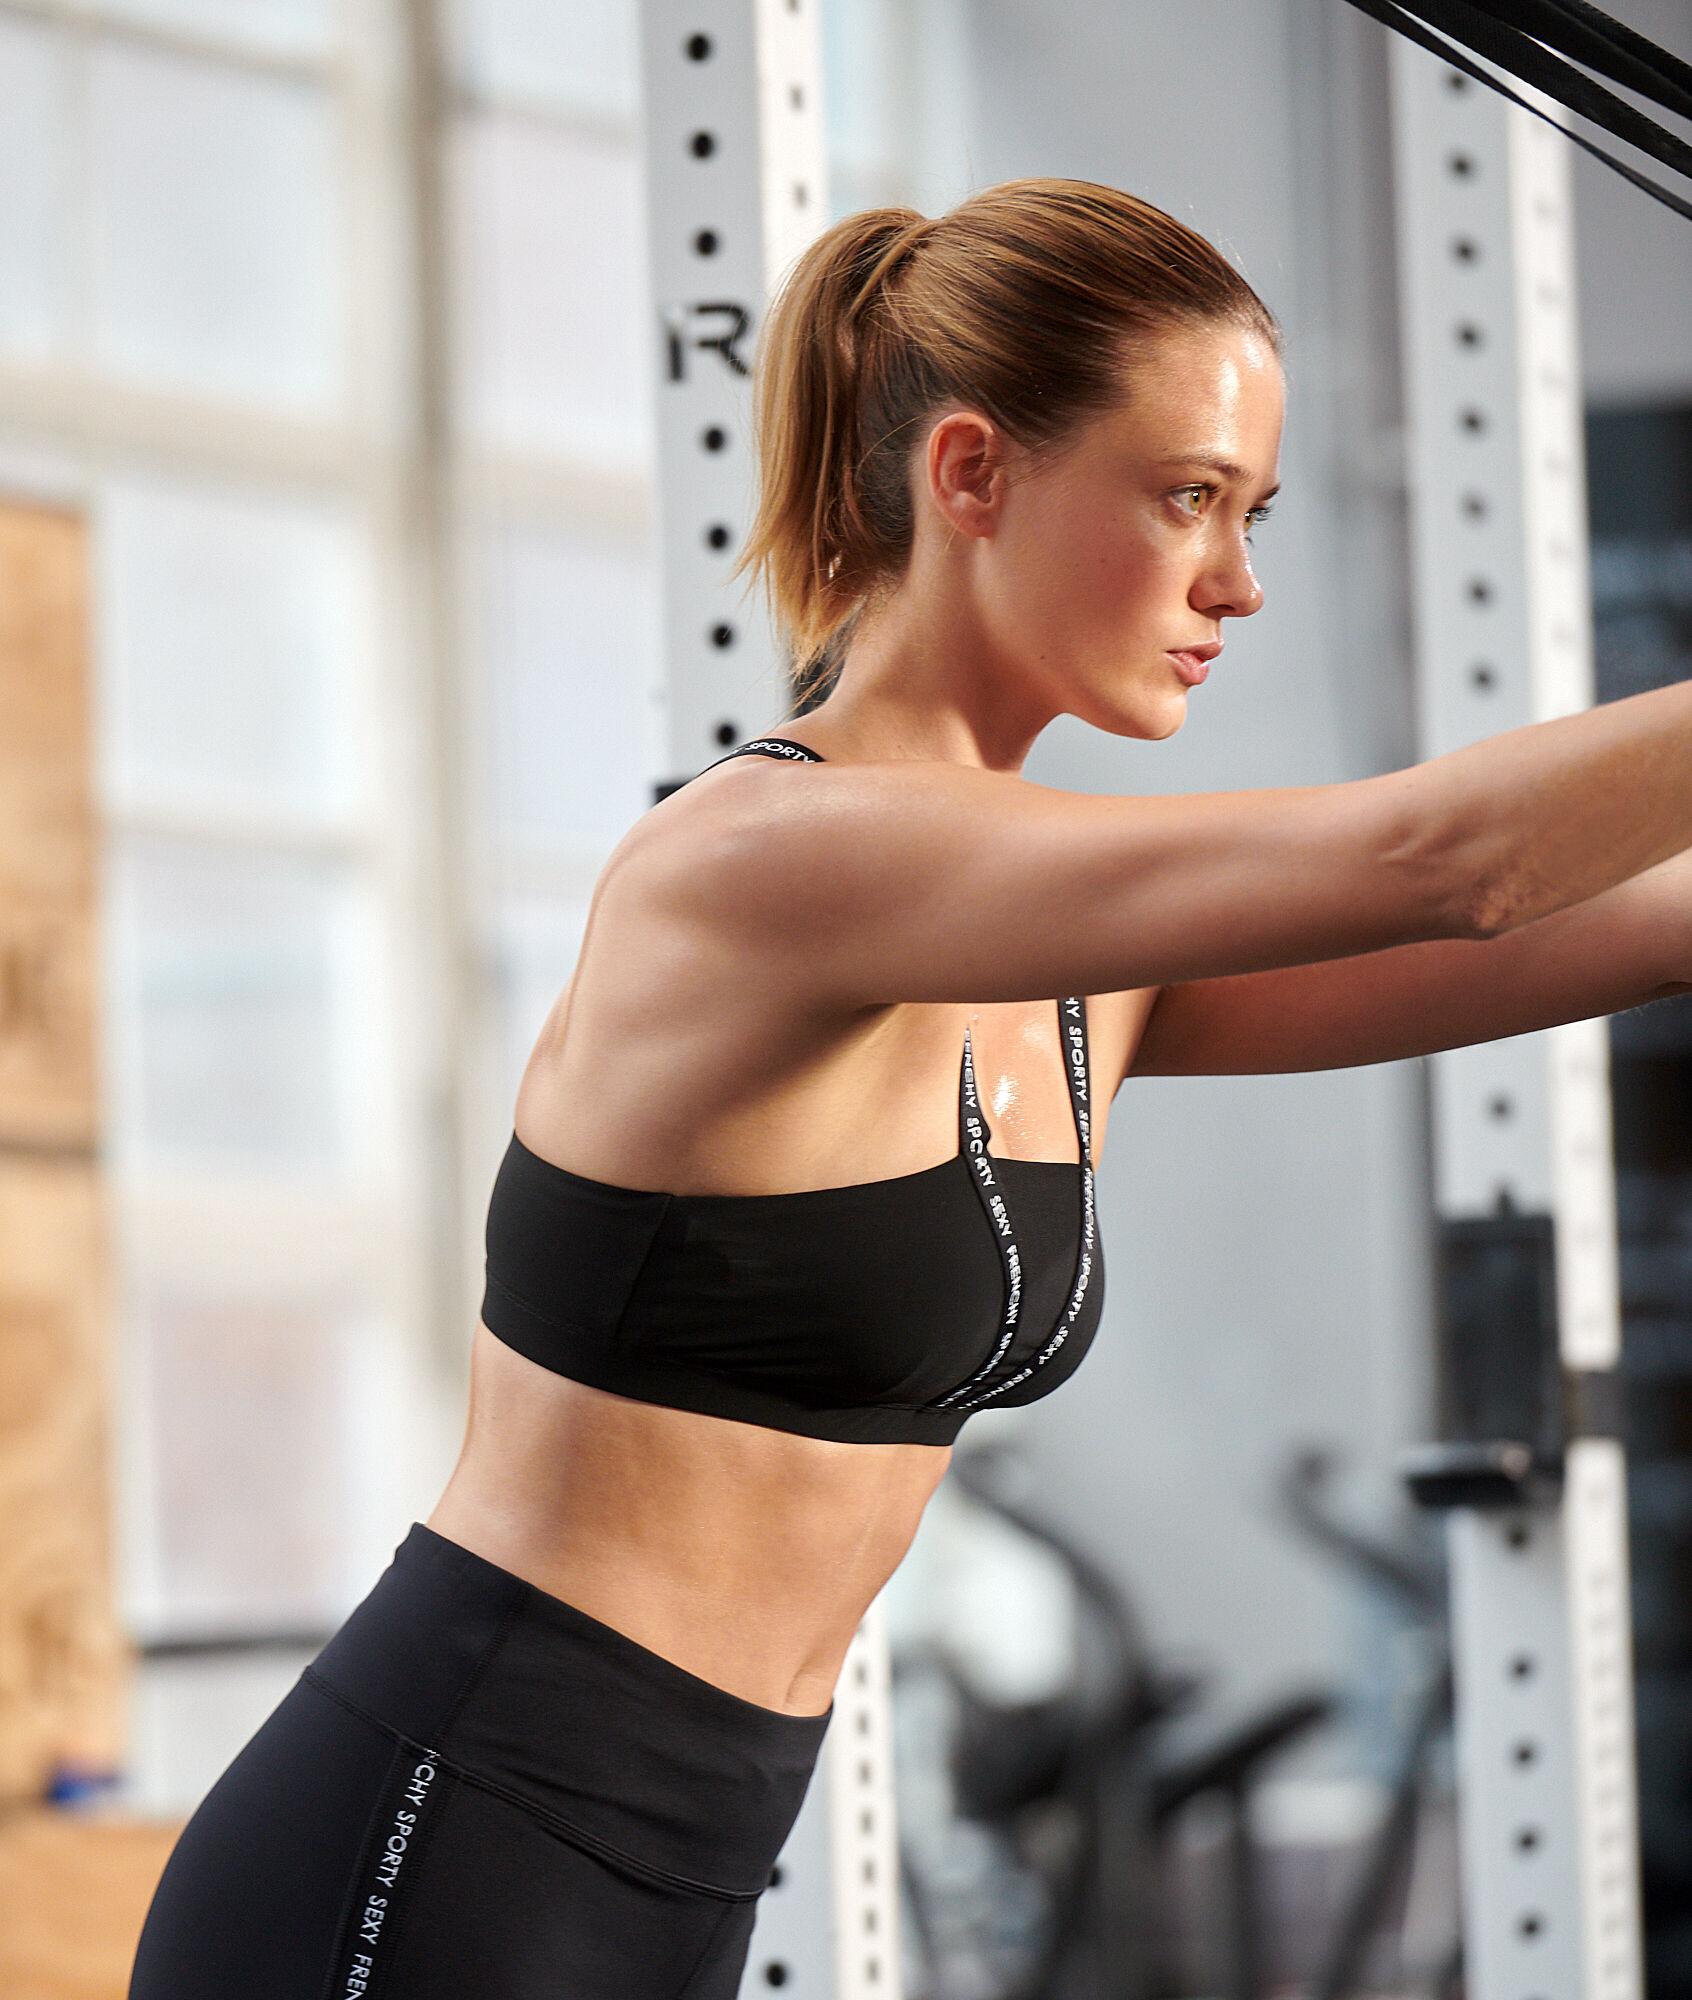 TEANO Biustonosz sportowy z ramiączkami z nadrukiem - średnie podtrzymanie